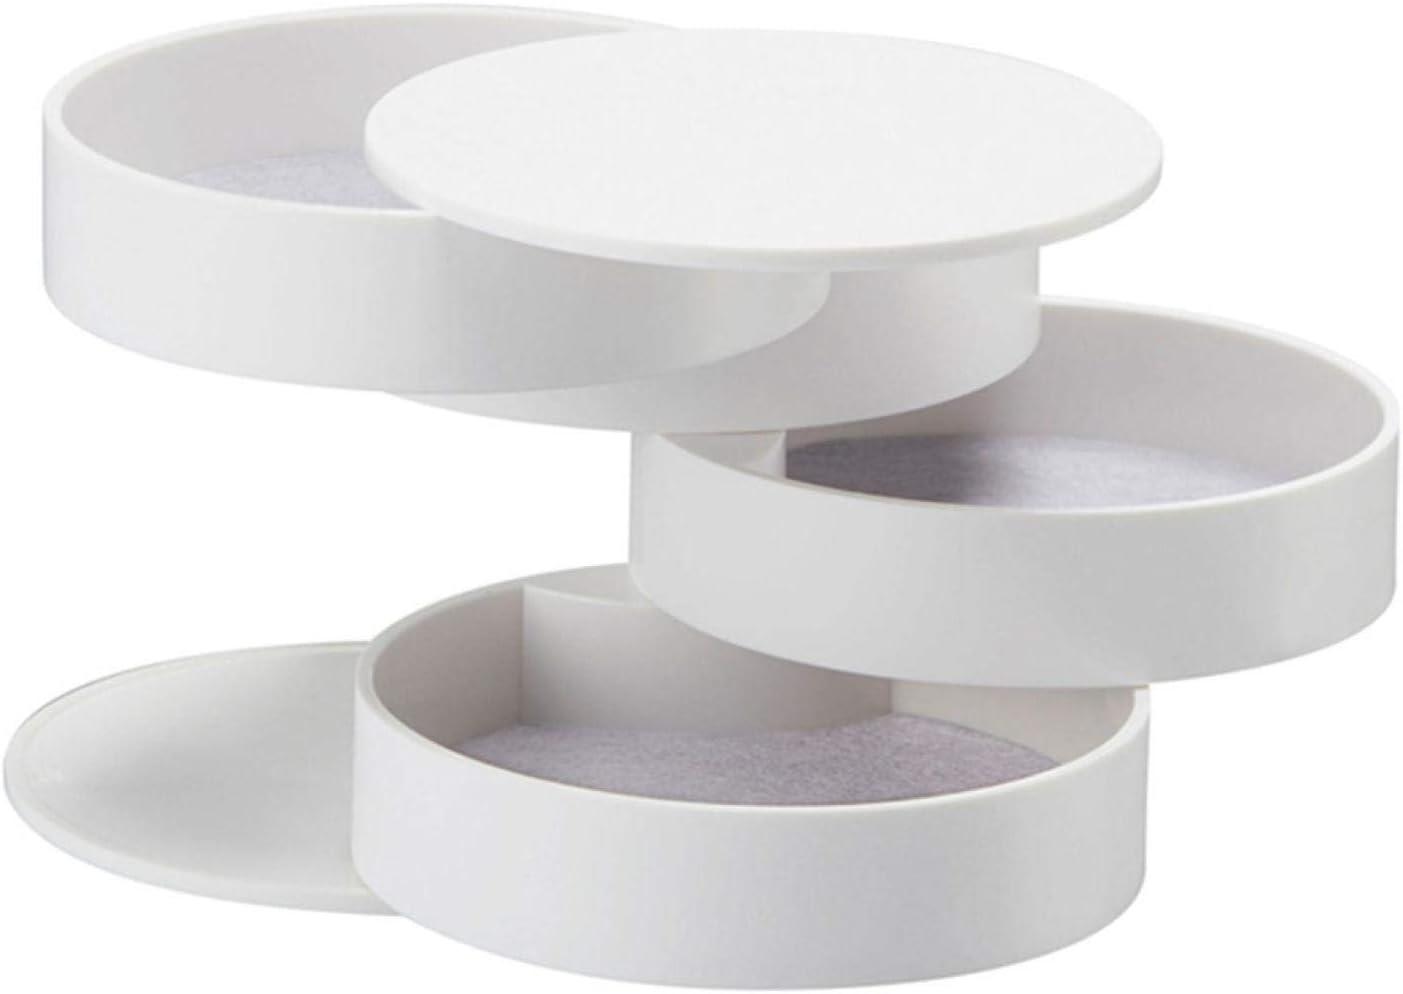 aolongwl Joyero creativo de 4 capas de plástico giratorio contenedor caja pendientes anillo caja multifunción blanco